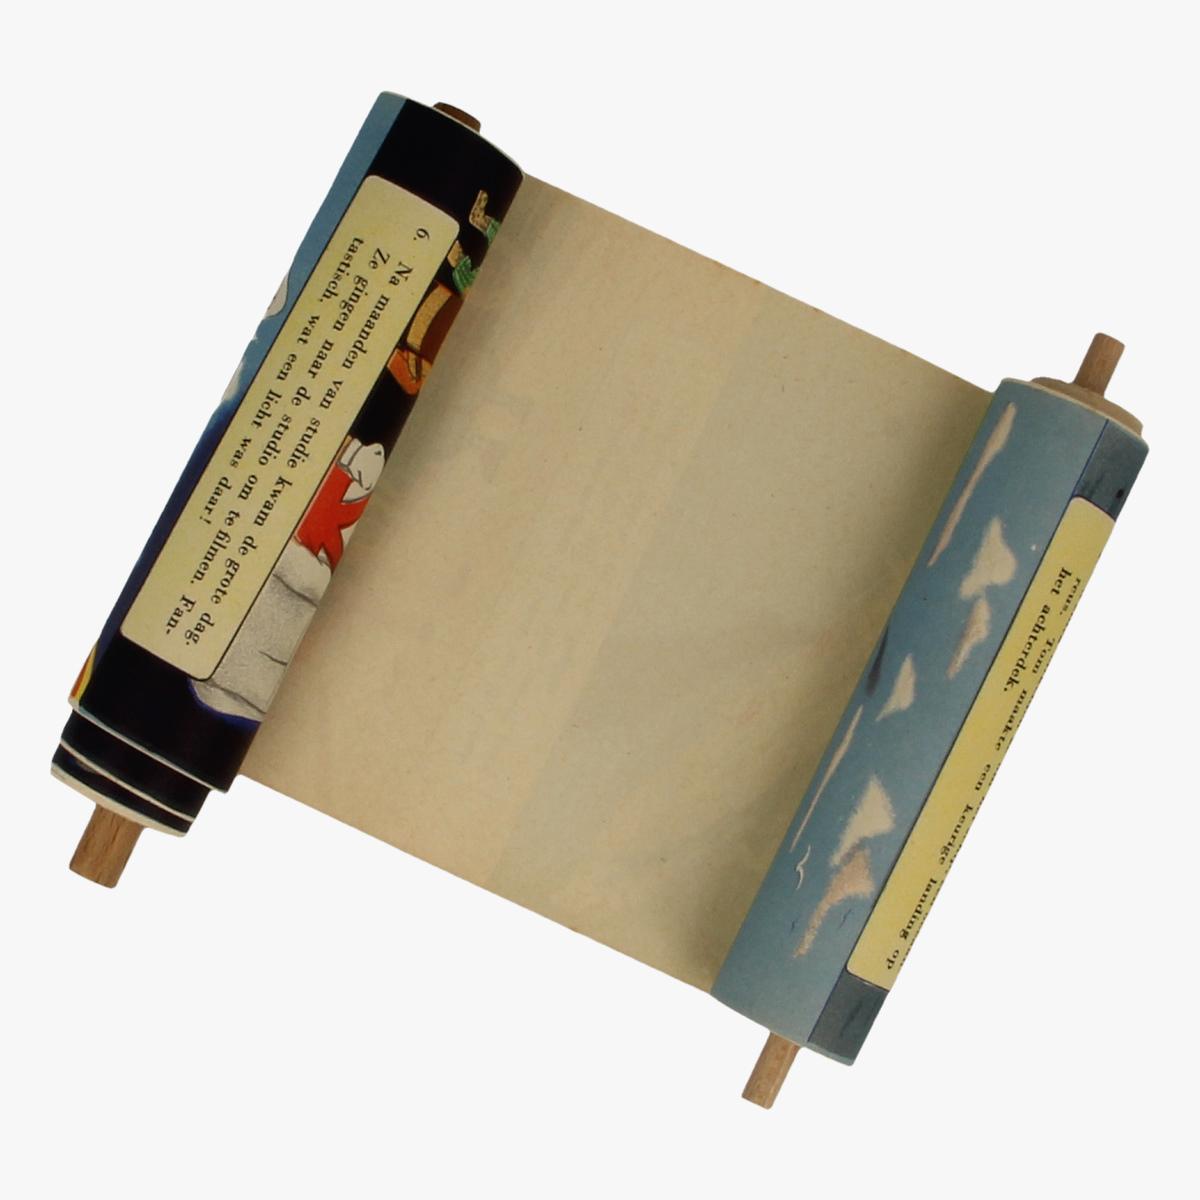 Afbeeldingen van Tekenfilmstrook op papier. Bij vergissing naar Filmland